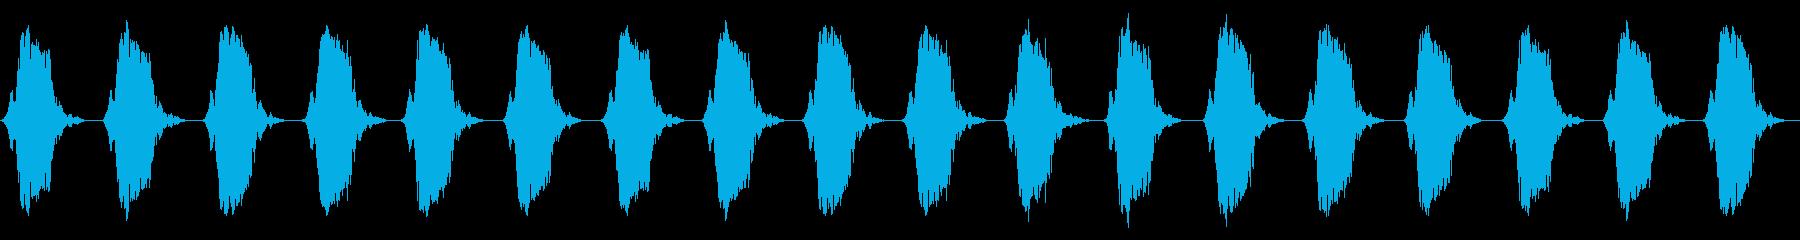 携帯電話 バイブレーション02-12(机の再生済みの波形